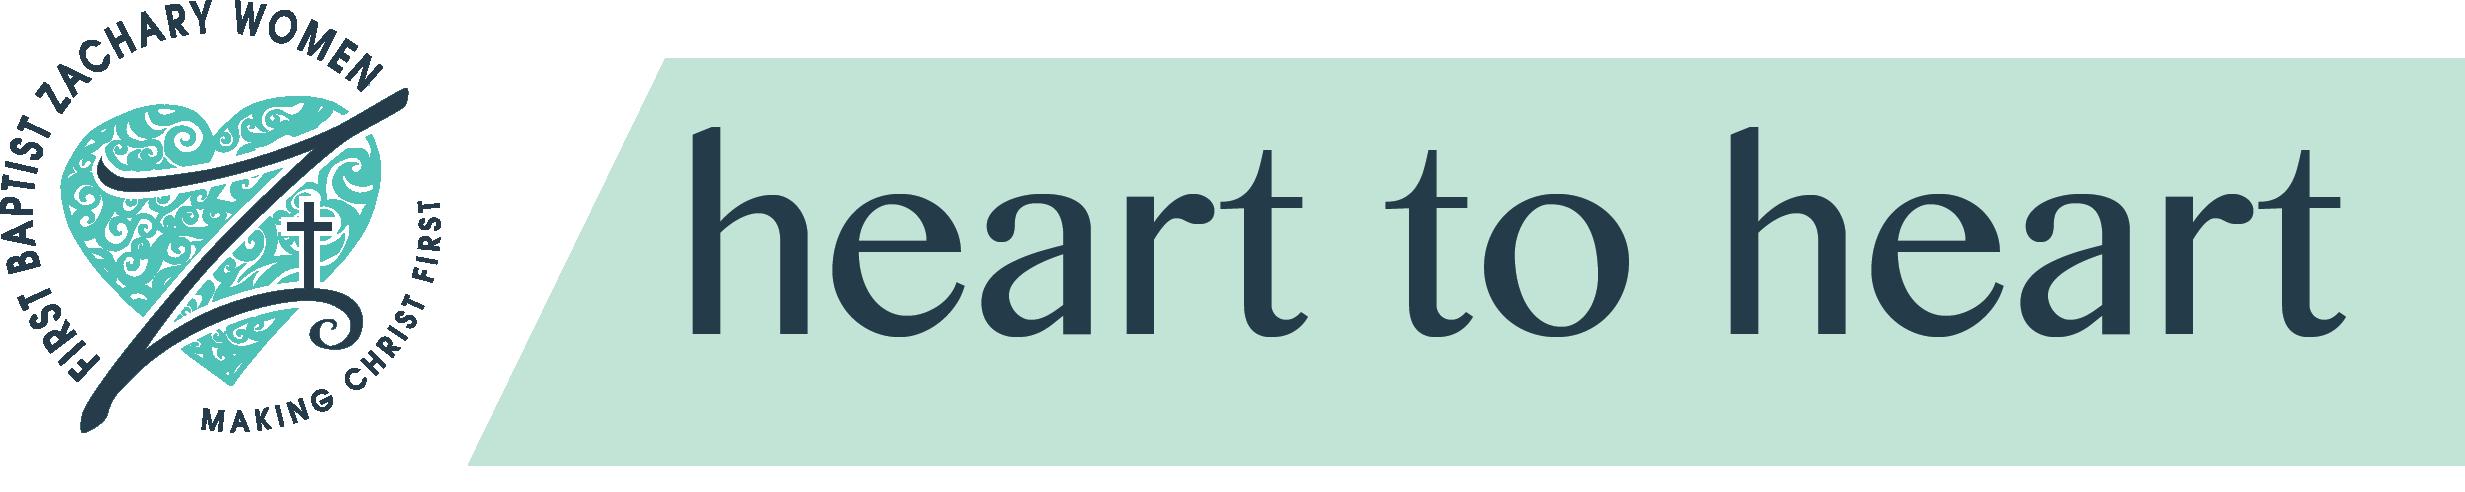 NewsletterHeader2016